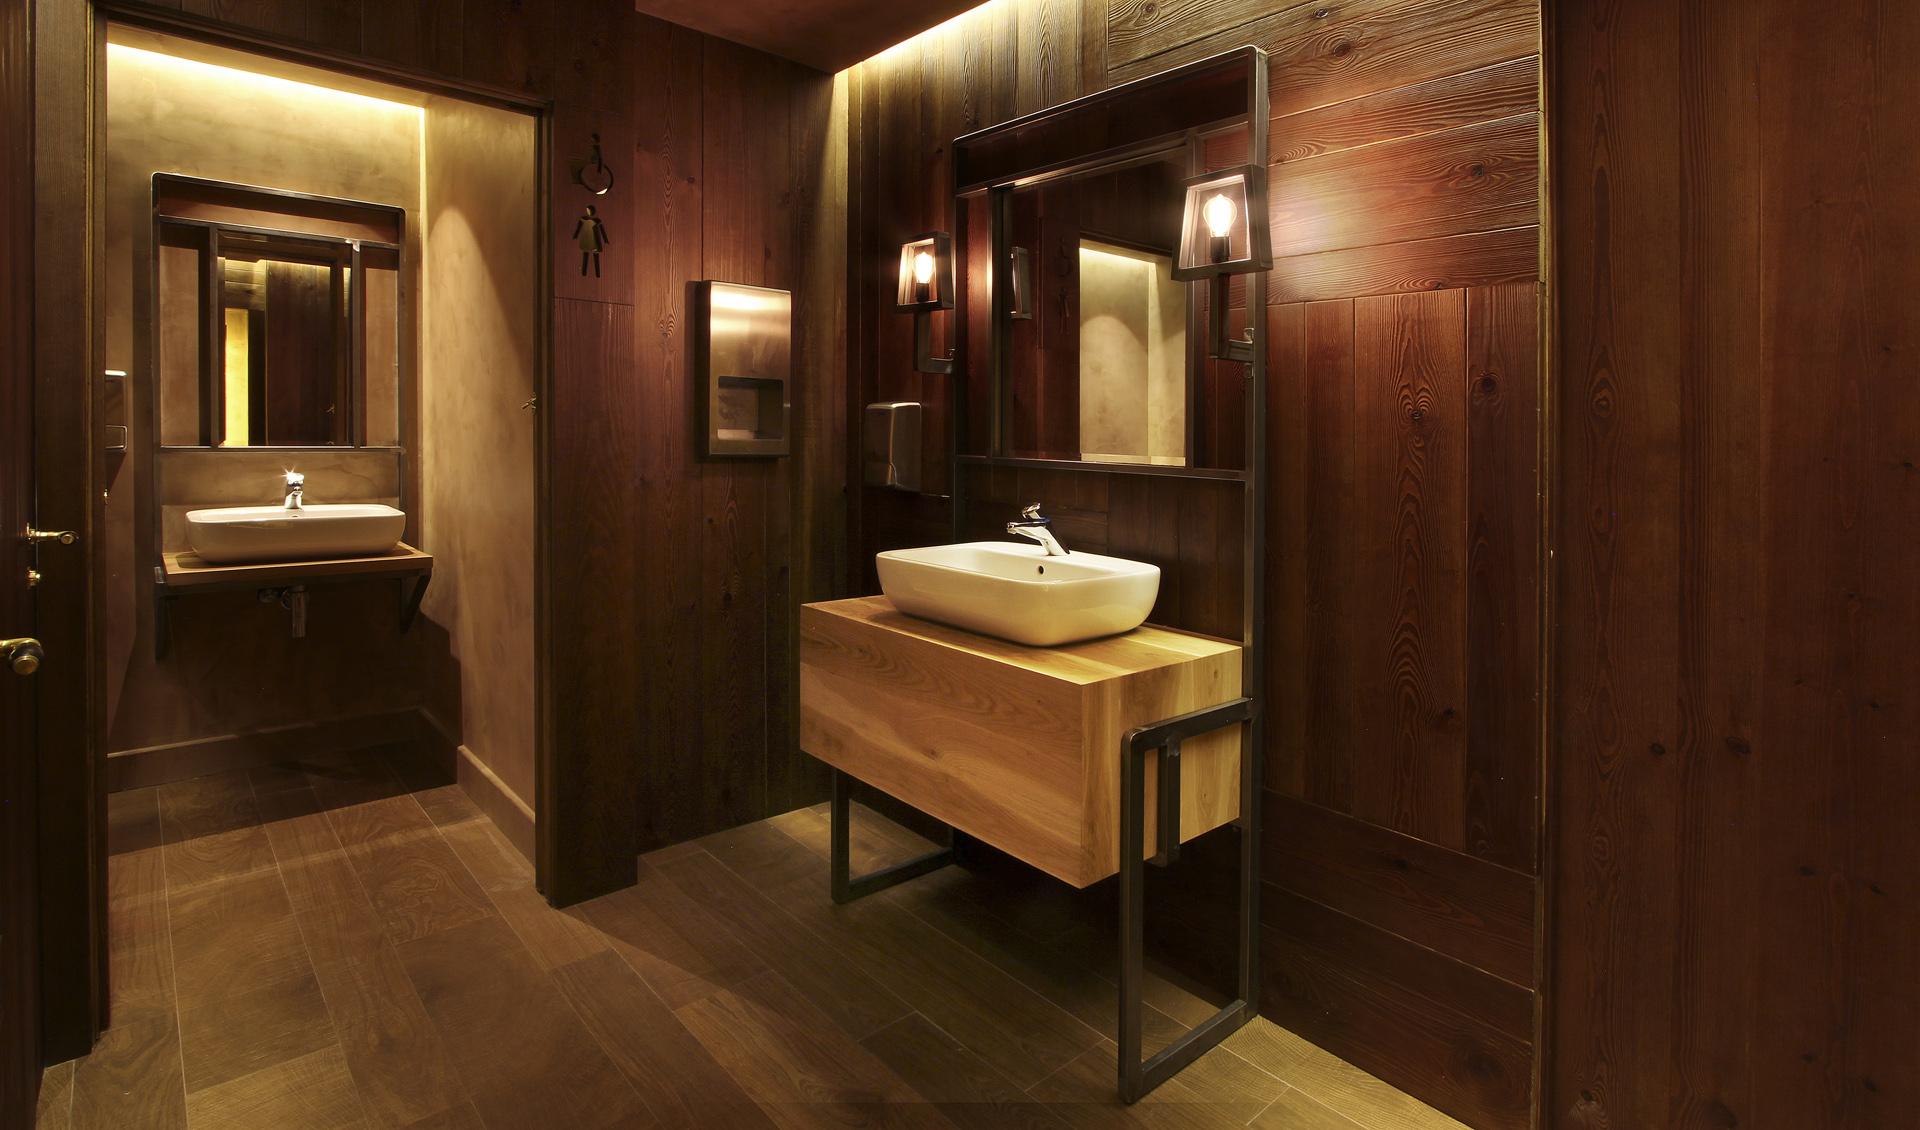 Bilbaoberria lavabo aseos verno